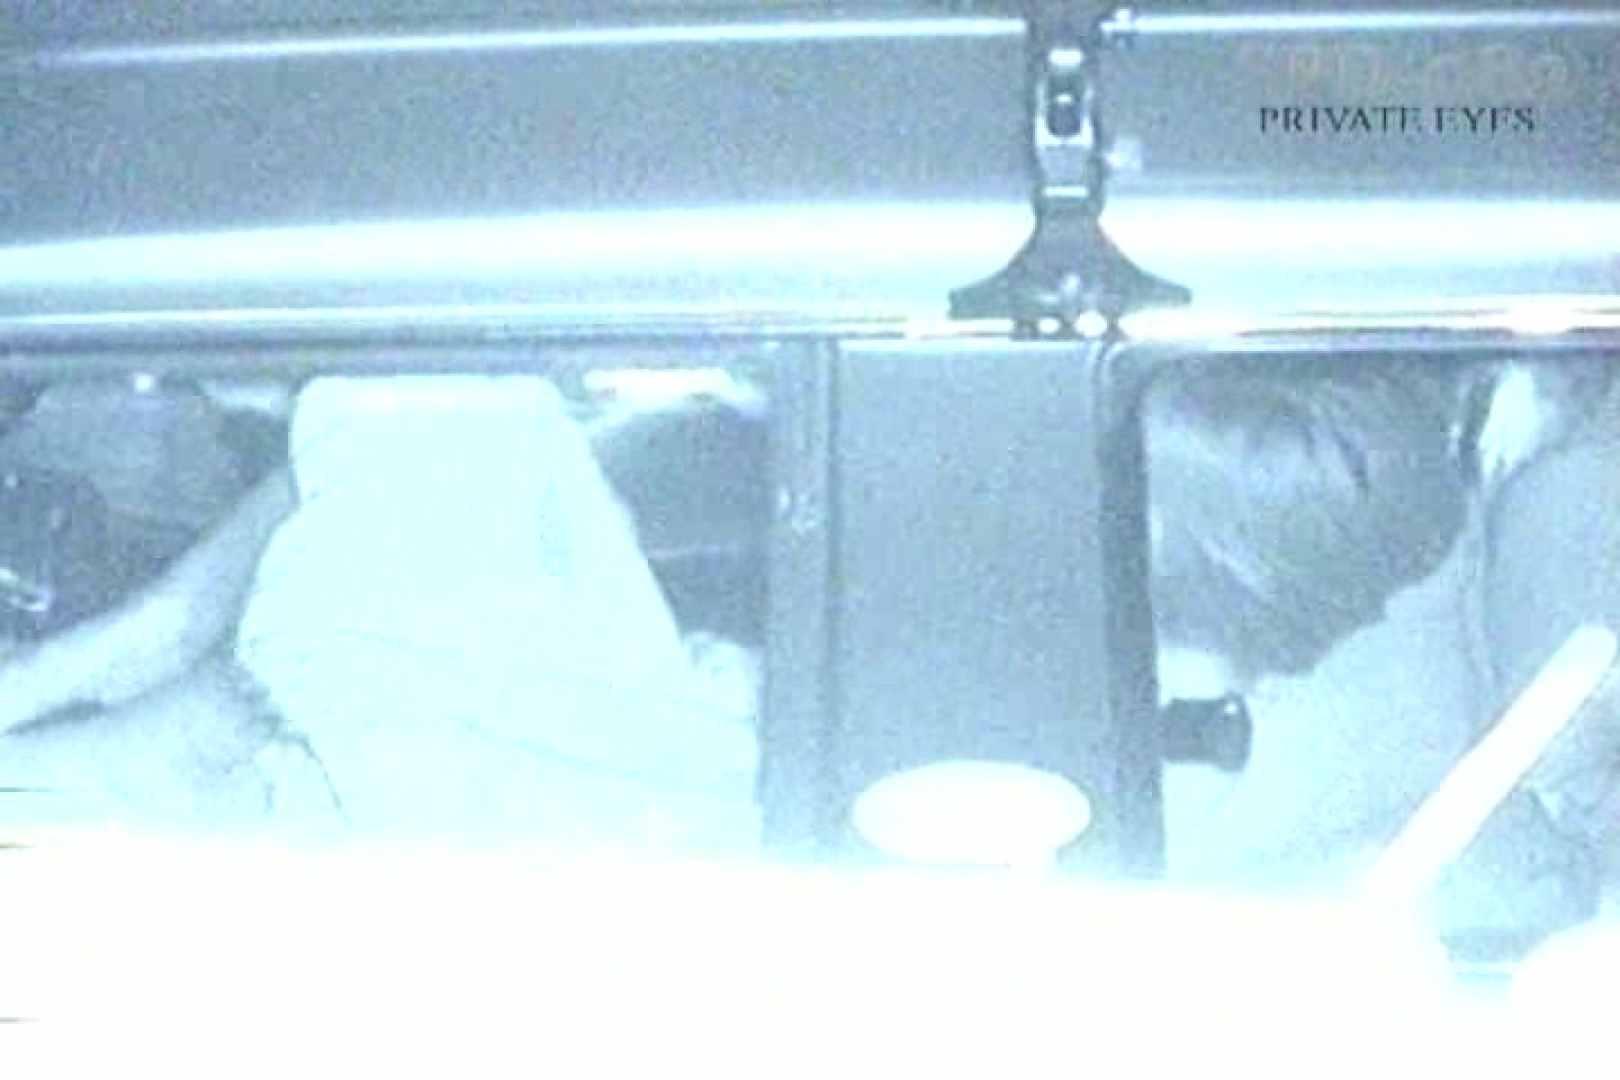 高画質版!SPD-082 盗撮 カーセックス黙示録 ~兵庫編~ セックスエロ動画 AV動画キャプチャ 78PIX 57